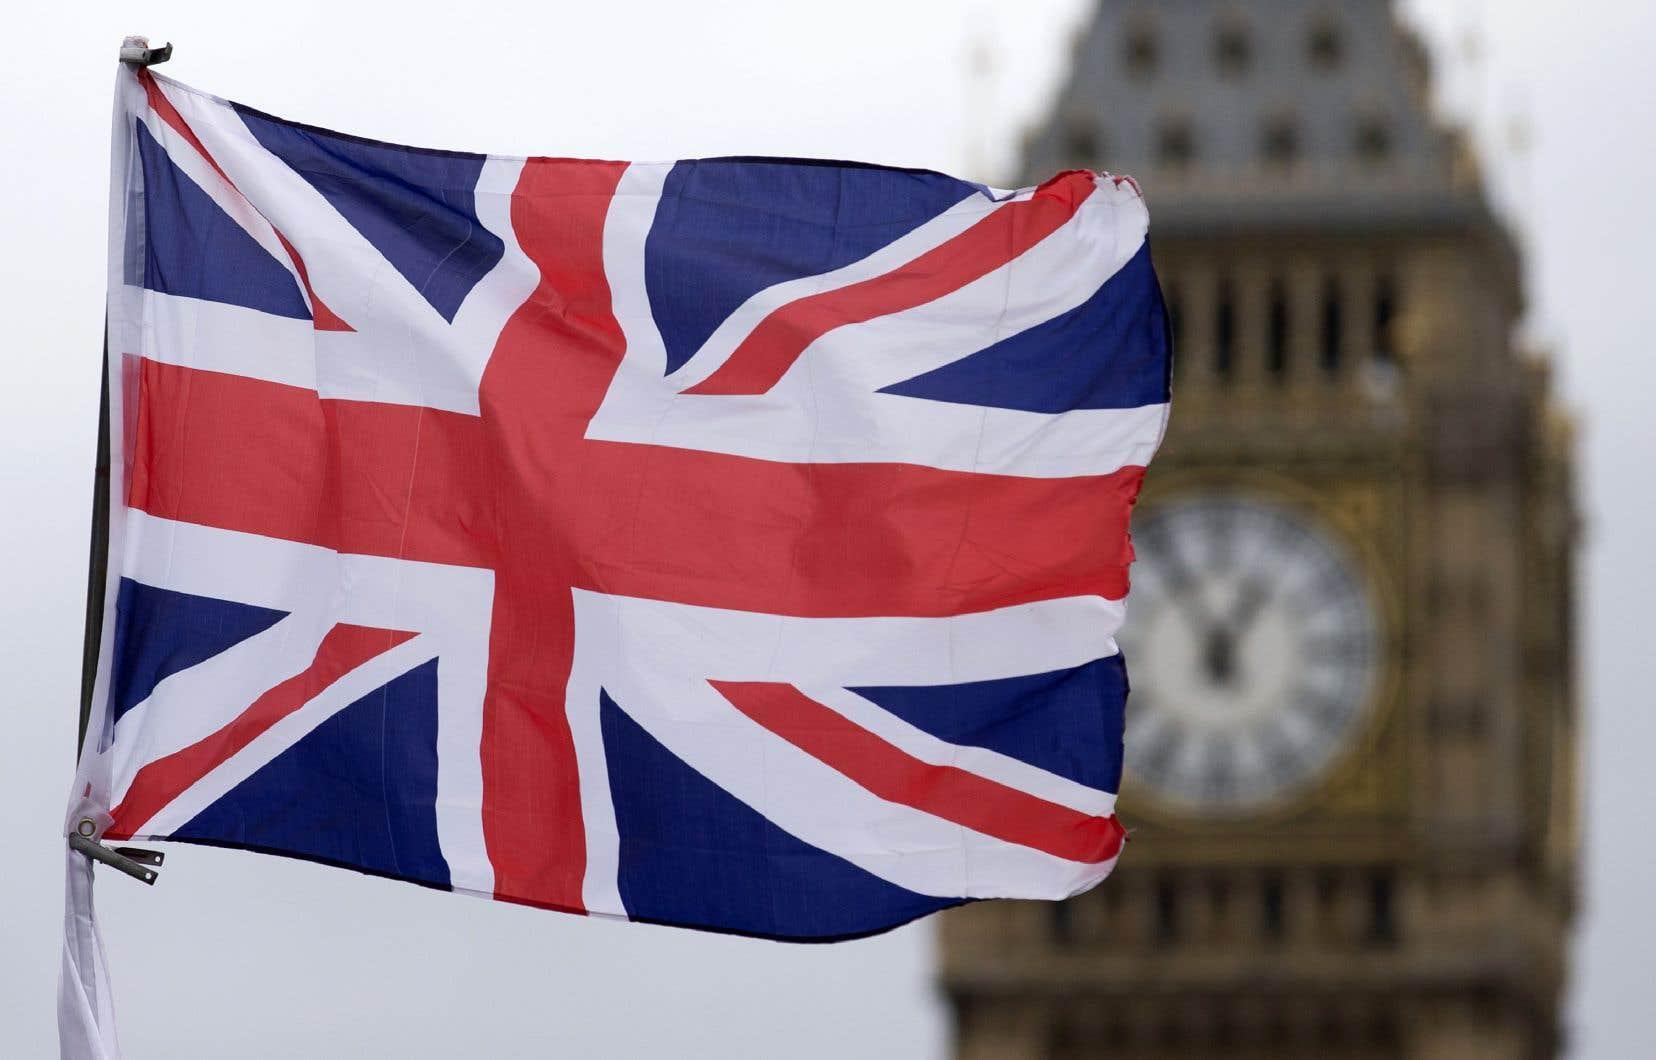 Britanniques et Européens n'auront que dix mois pour s'entendre sur leur nouvelle relation.